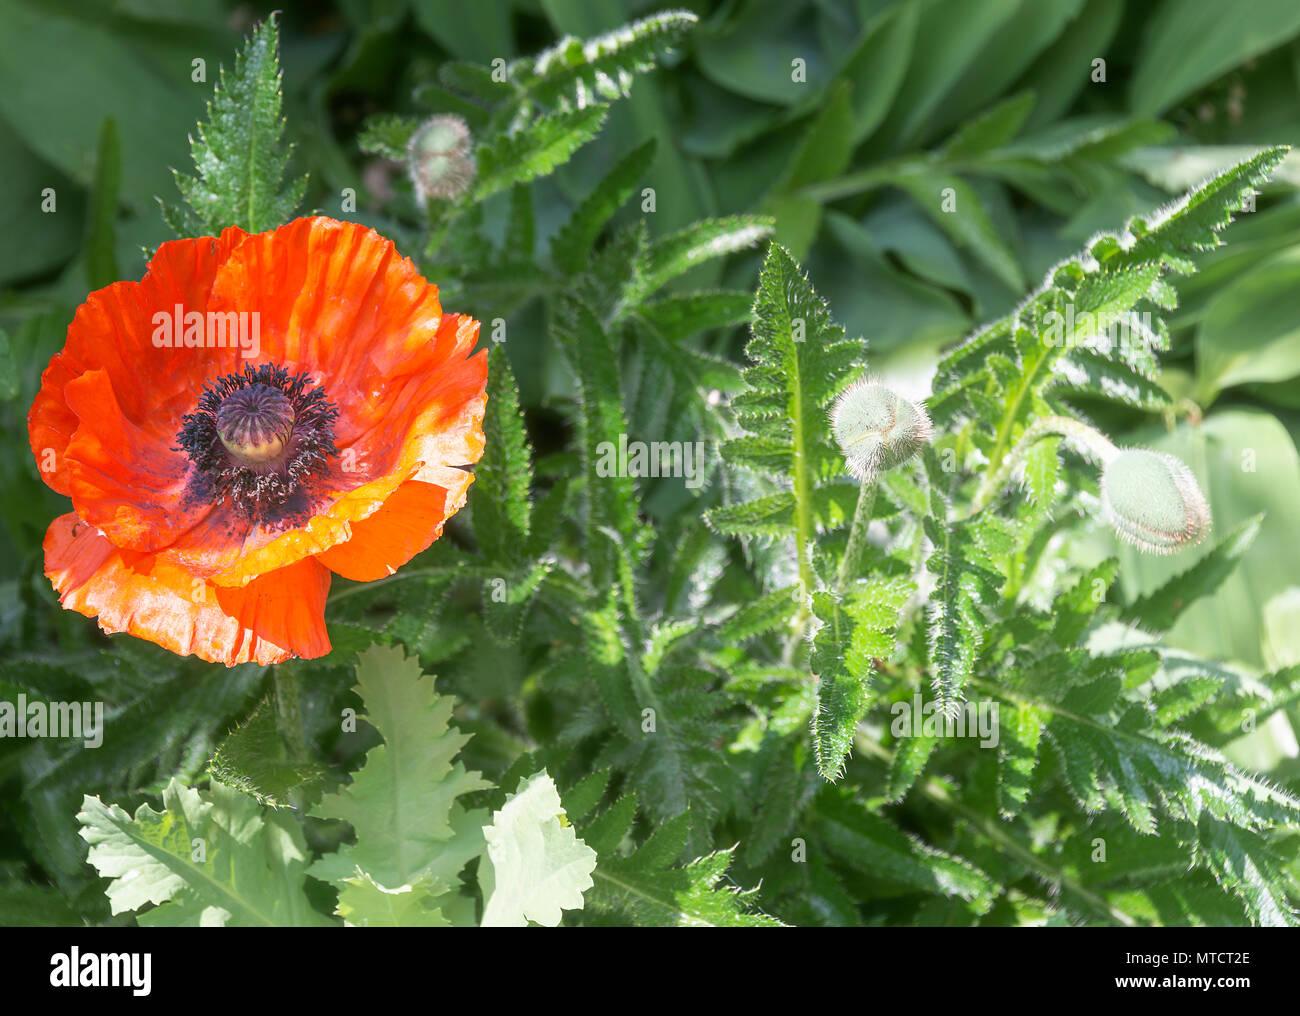 Un bel rosso papavero cartaceo Allegro viva in un letto di fiori in un giardino in Alsager Cheshire England Regno Unito Regno Unito Immagini Stock